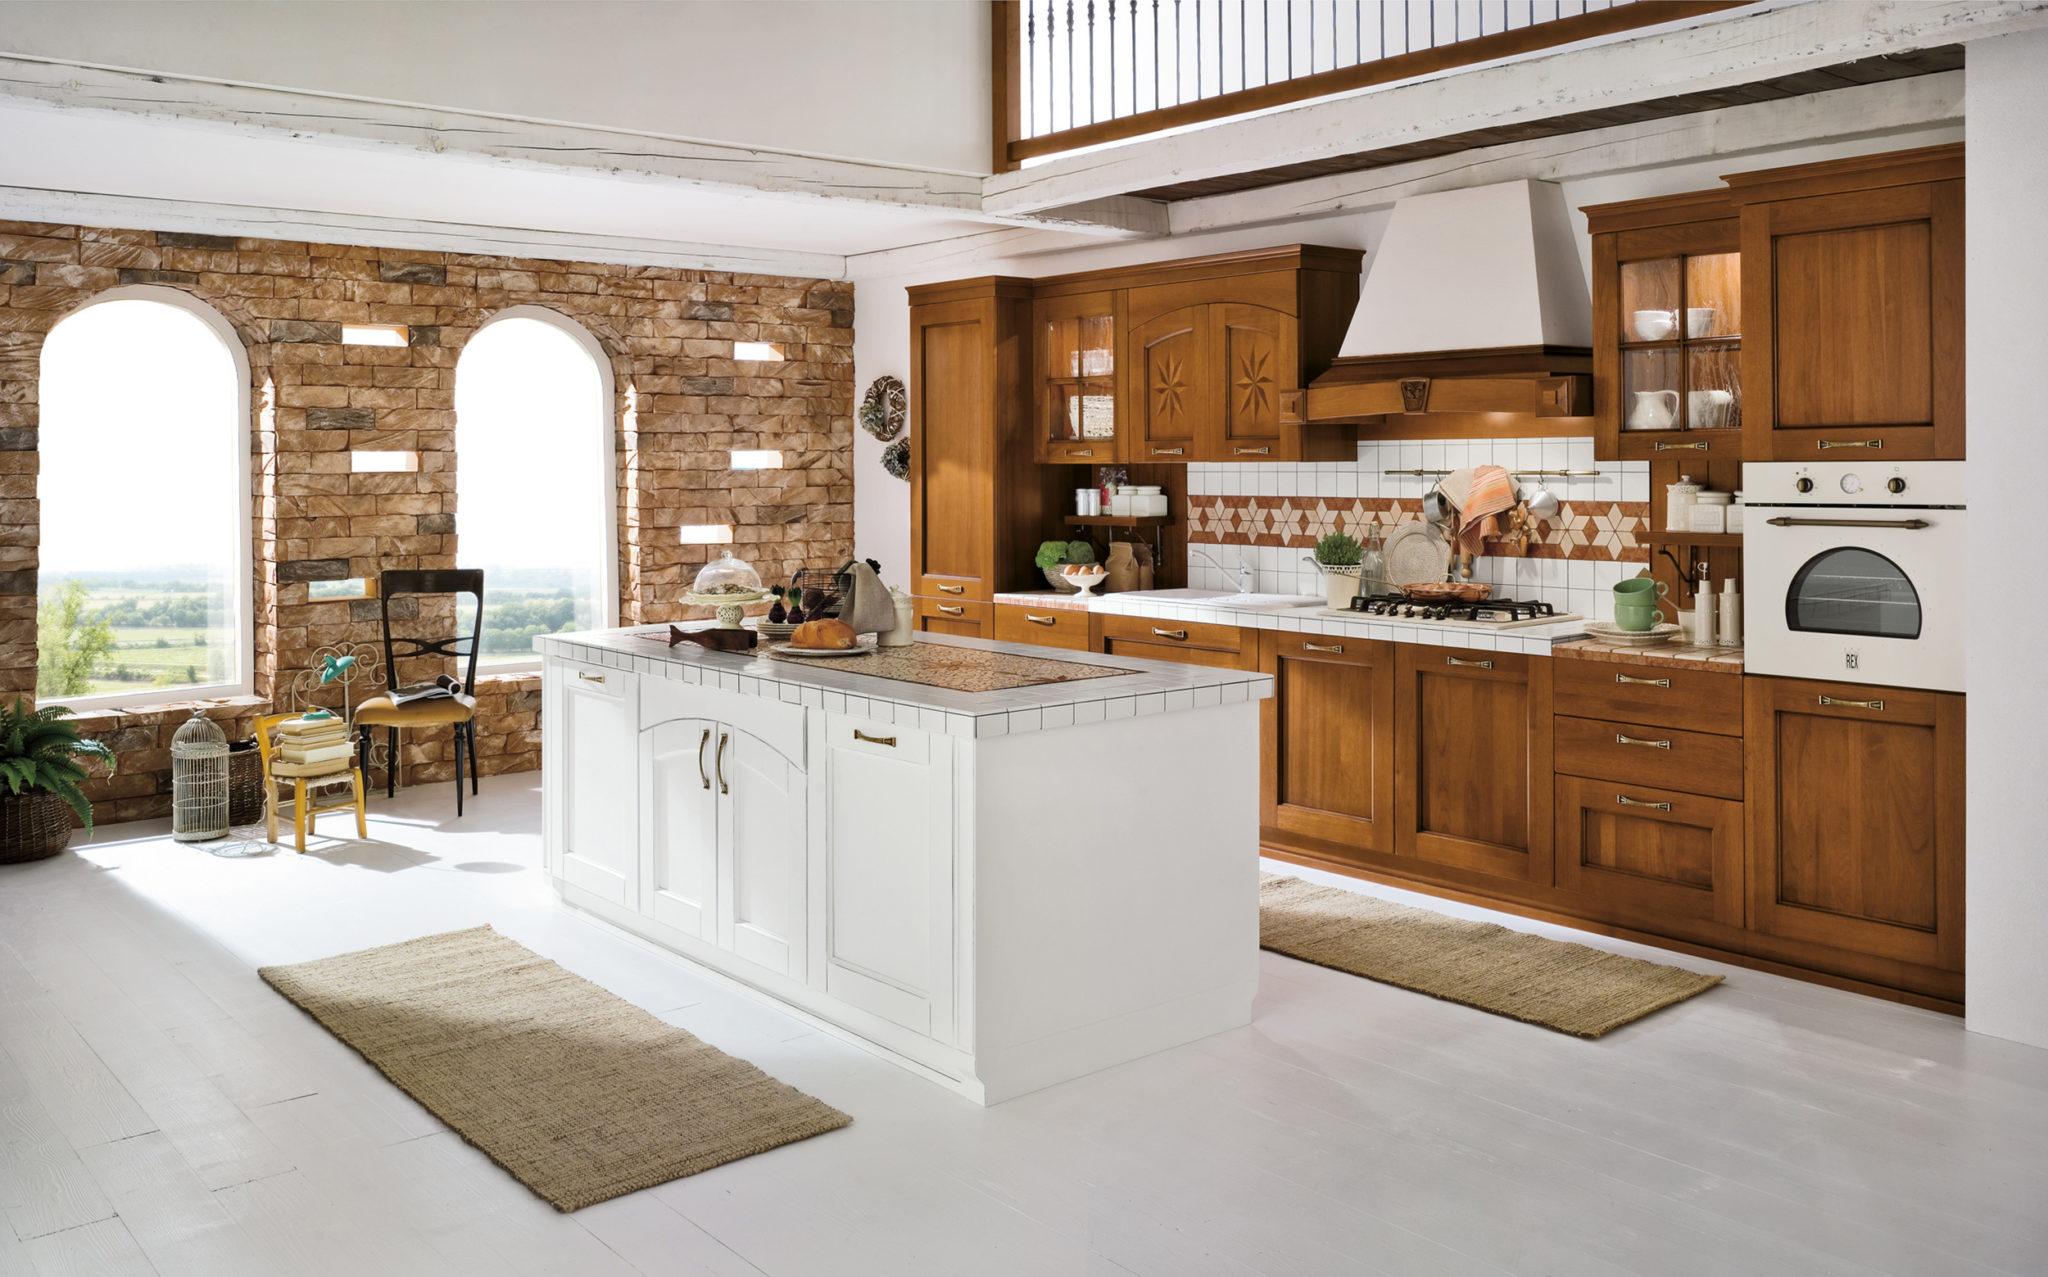 01 Composizione1 A11 #6F4322 2500 1559 Cucine Classiche Con Capitelli